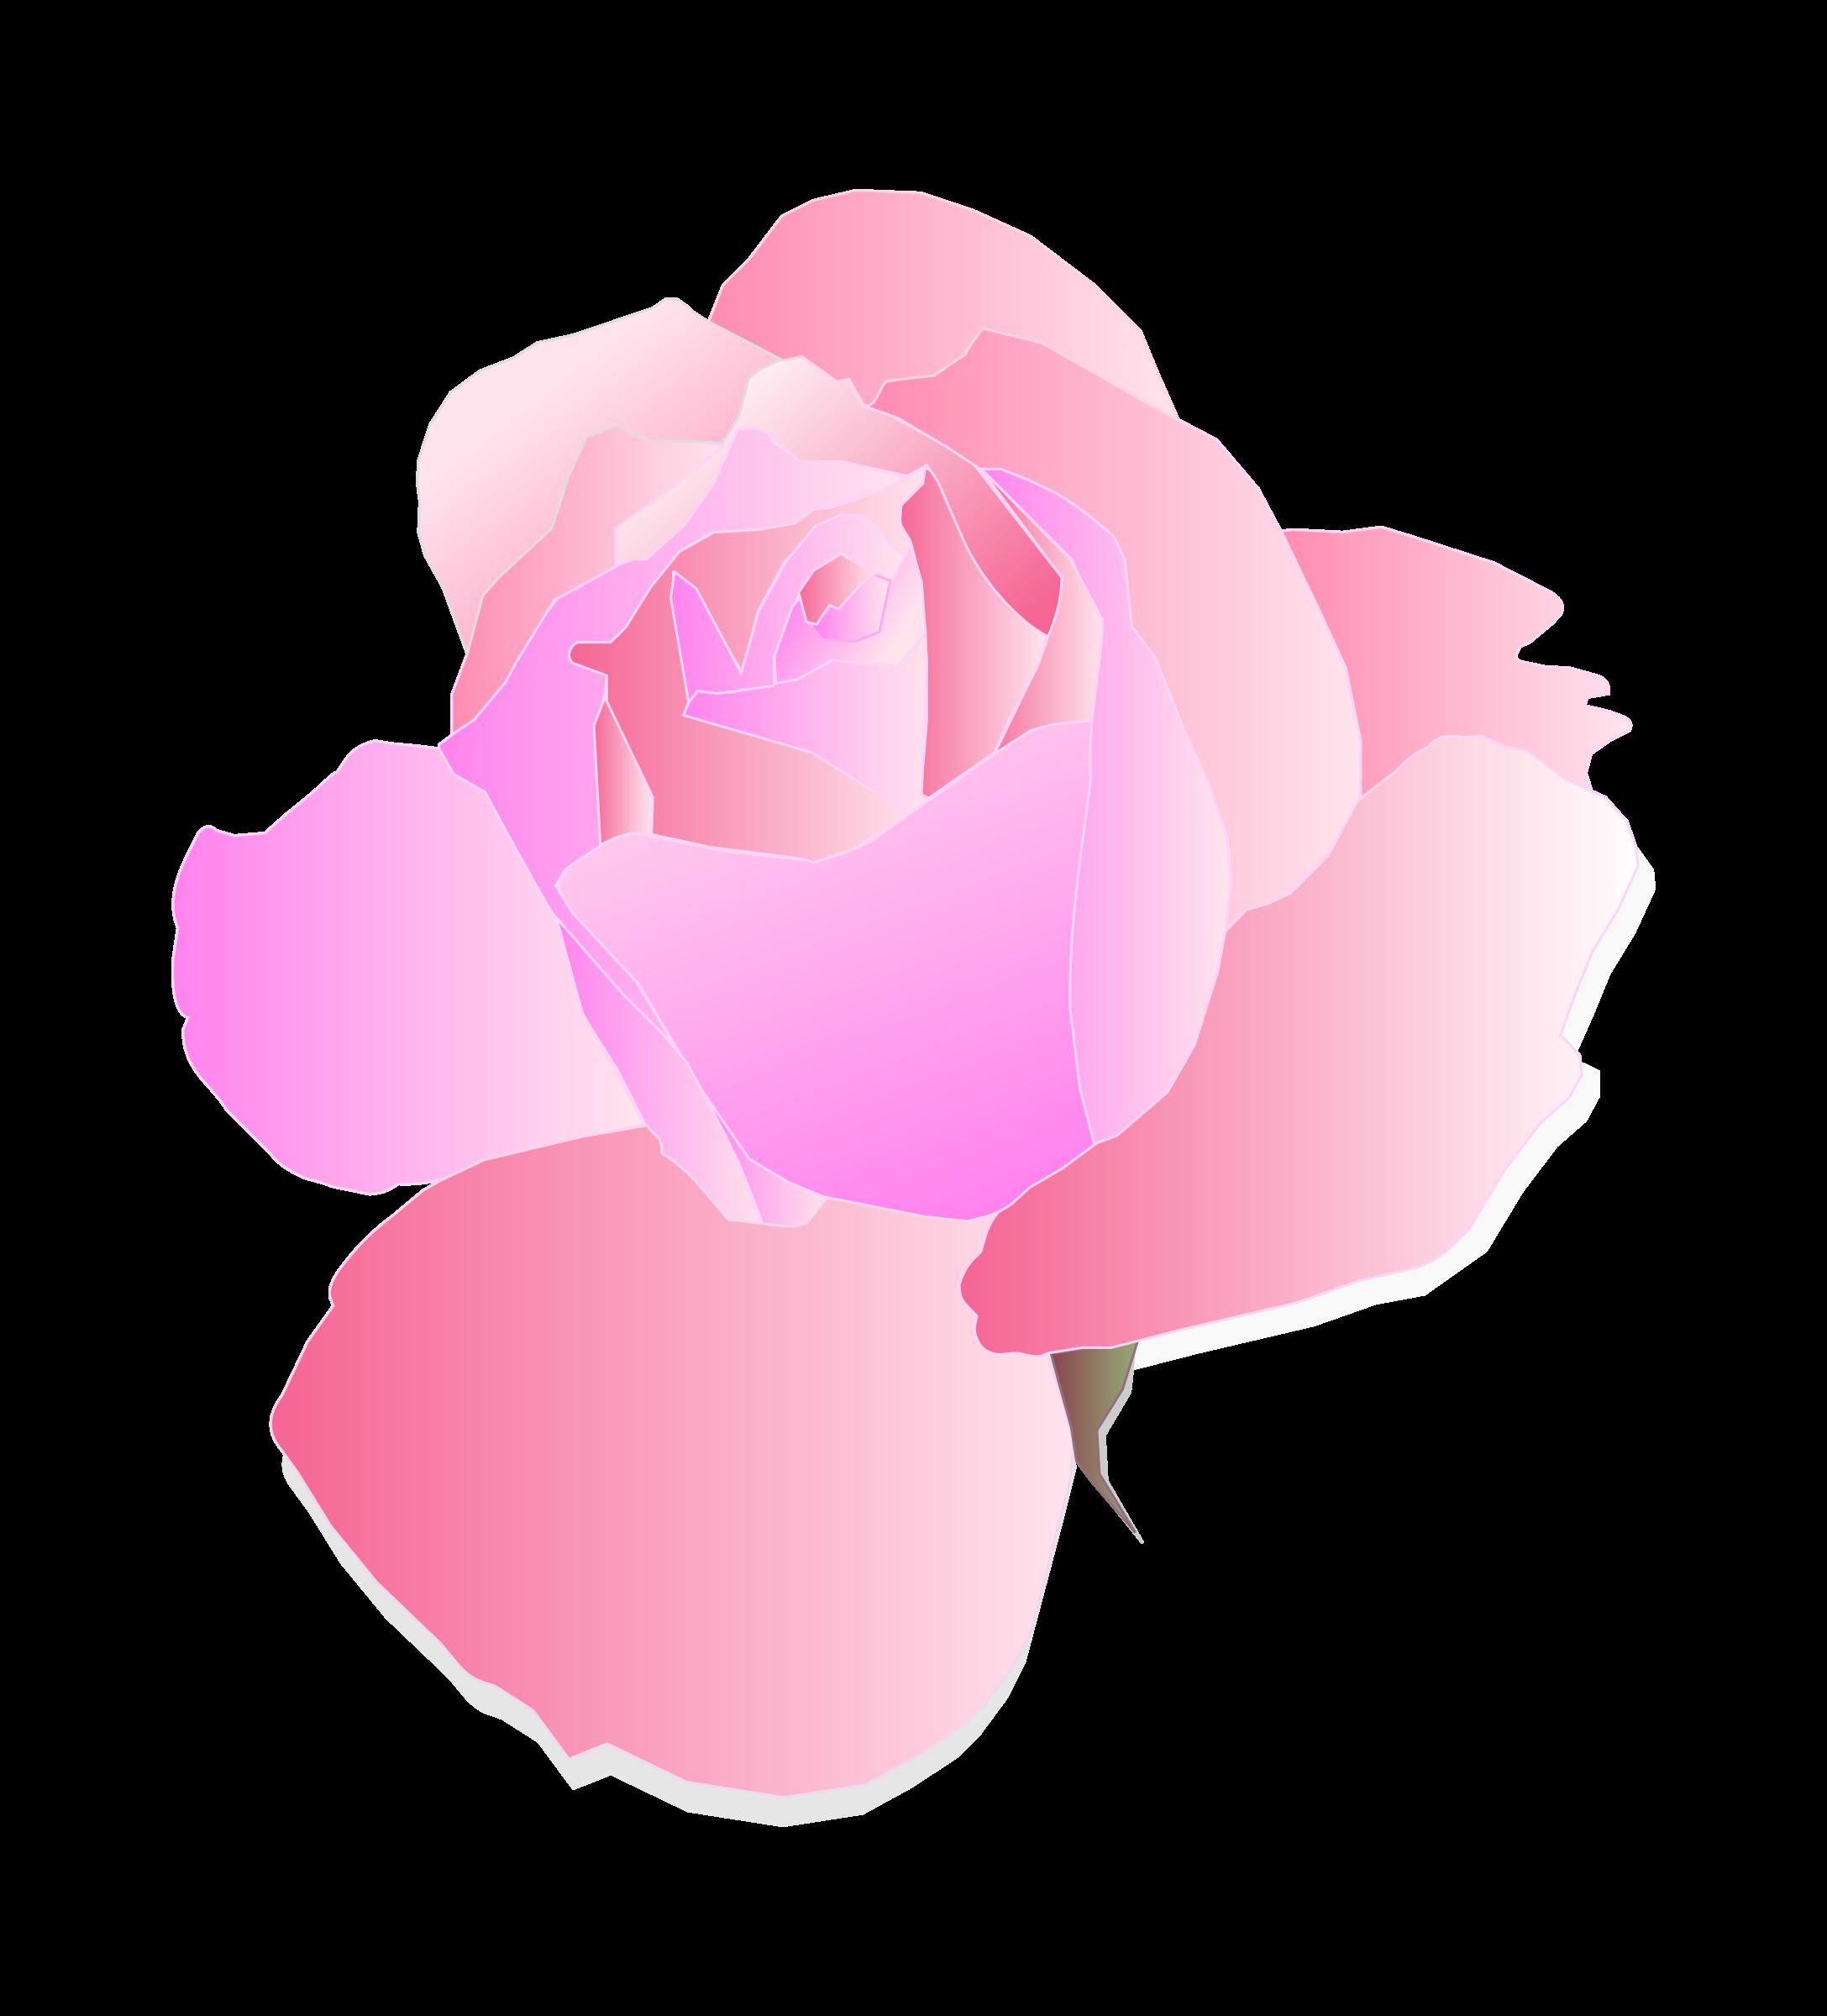 Flower clipart shoe. Rose big image png